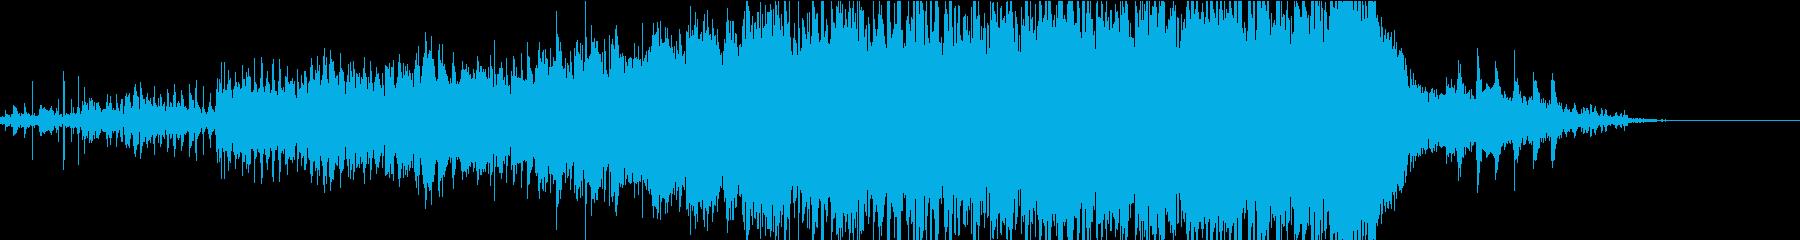 反復の再生済みの波形